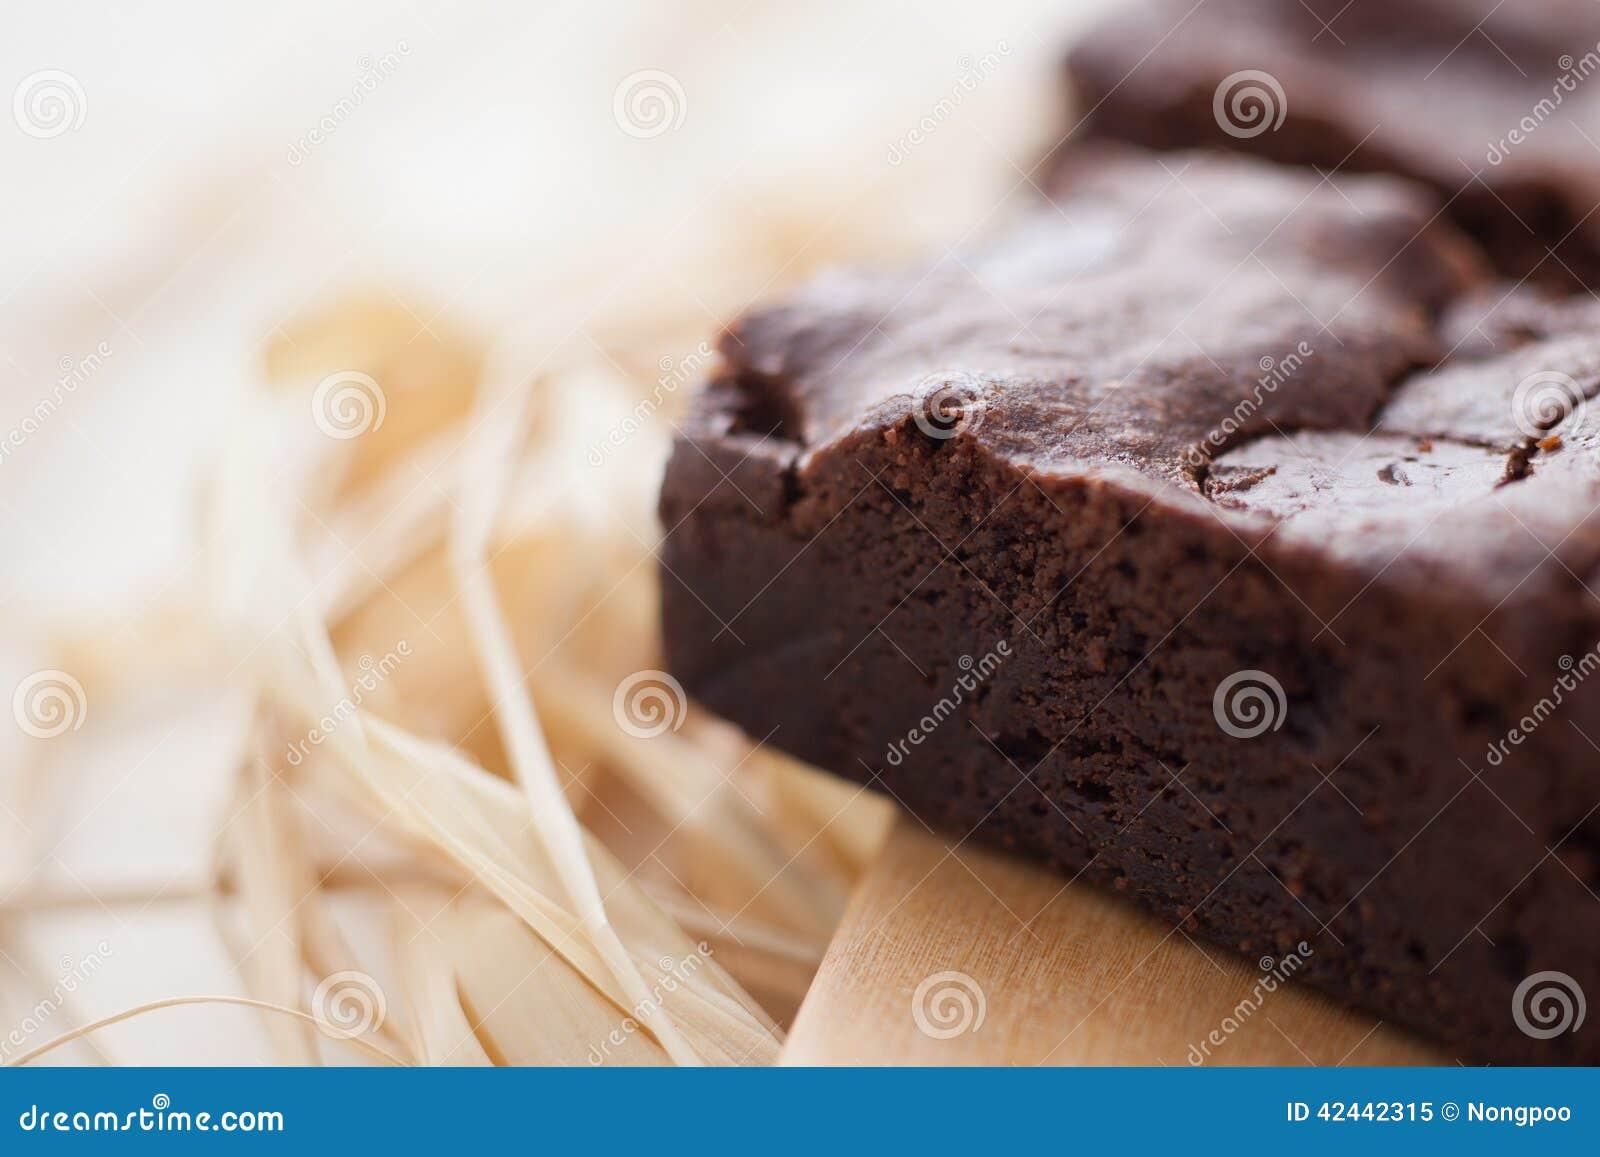 Brownie hechos en casa del dulce de azúcar cauchutoso